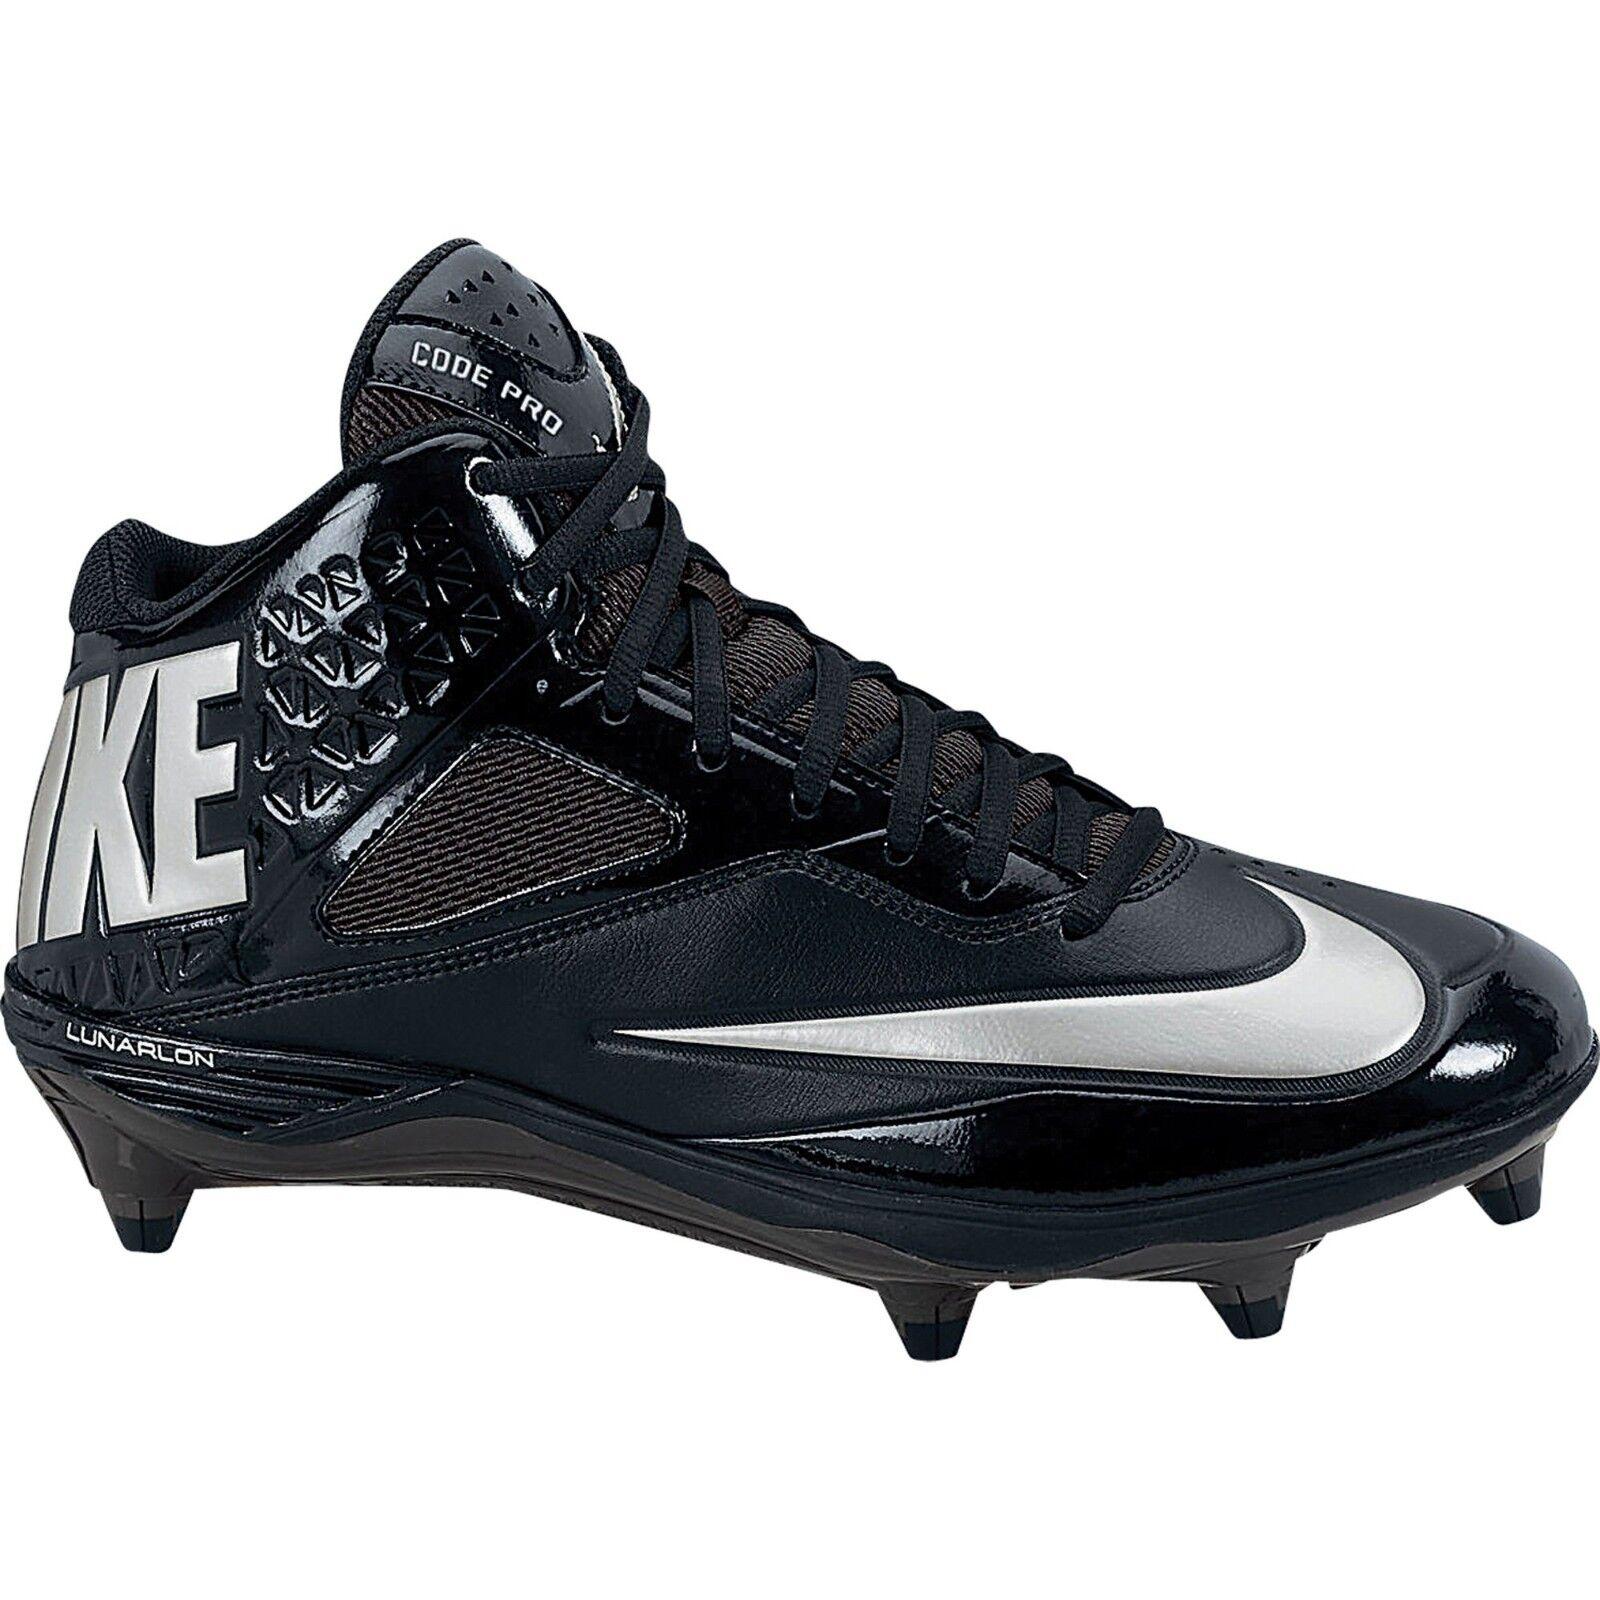 Nike maschile codice lunare (3 / 4 staccare football scarpette, 579668 002 confezioni - blk